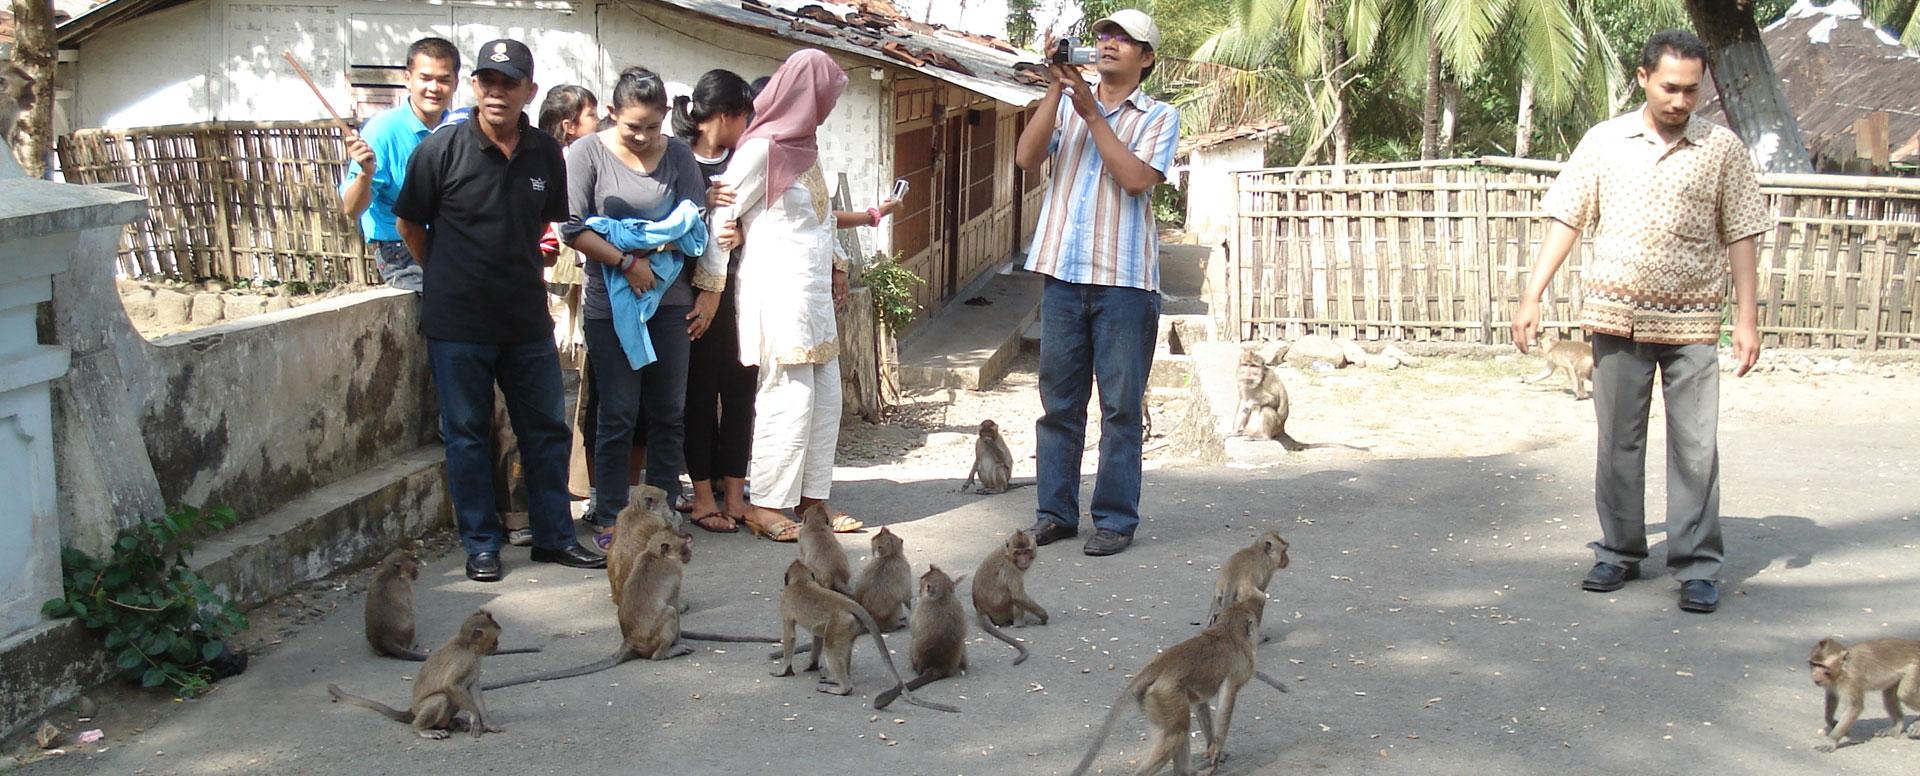 Destinasi Wisata Banyumas Masjid Saka Tunggal Taman Kera Kab